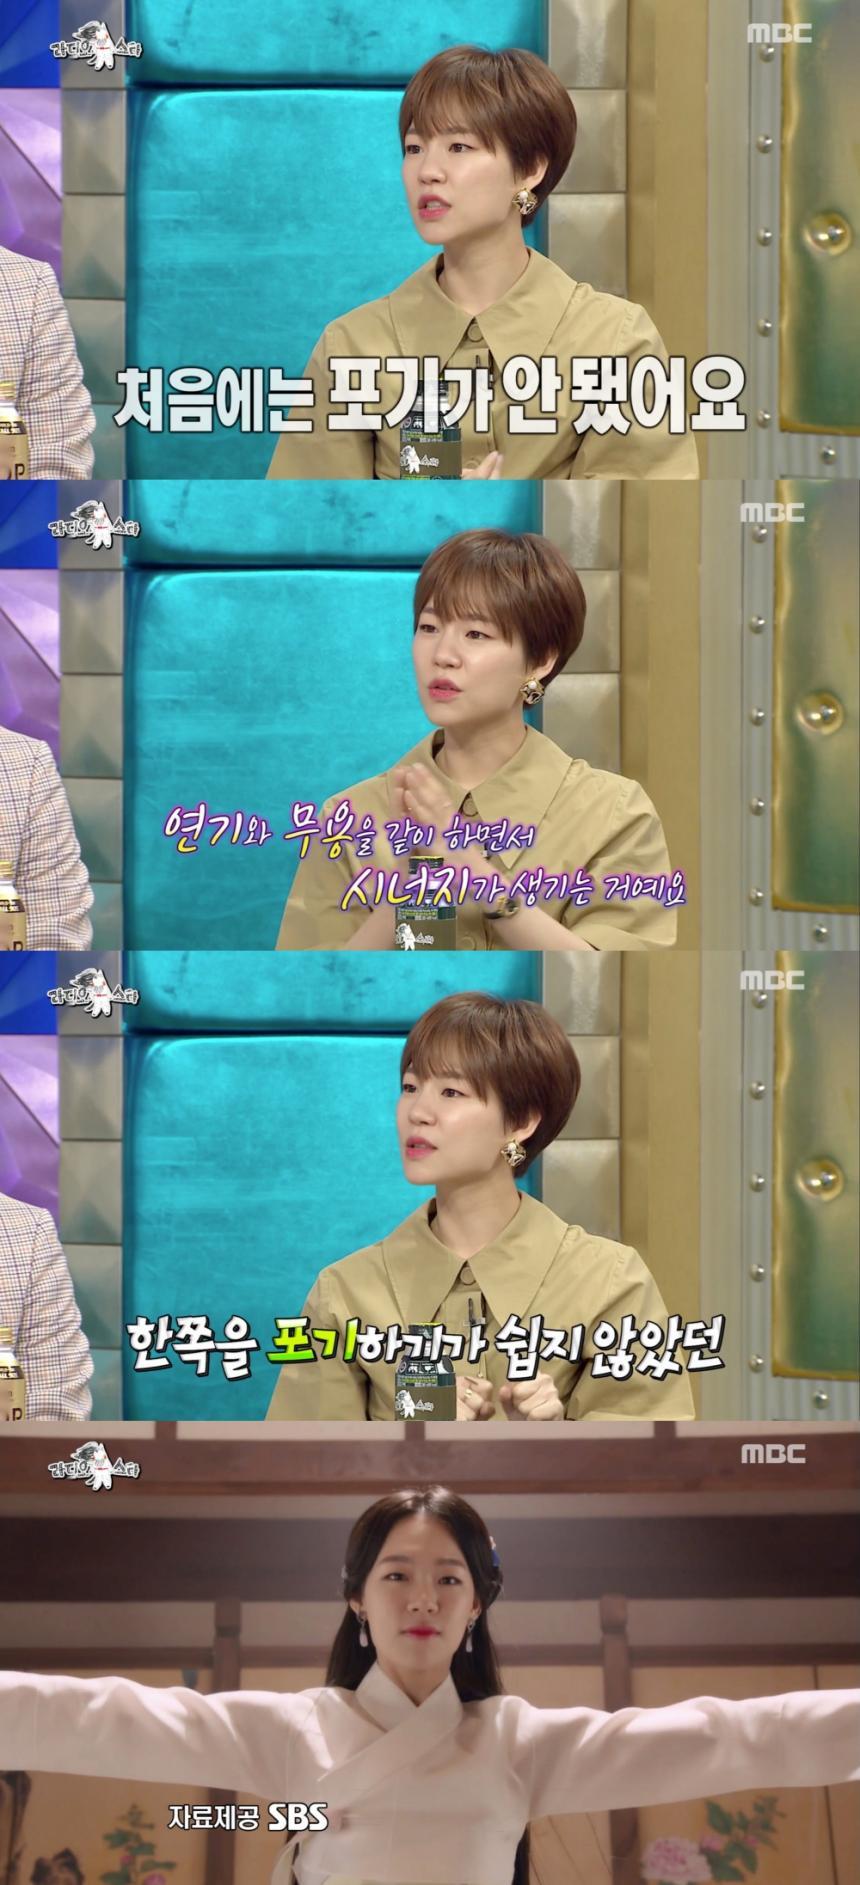 한예리 / MBC '라디오스타' 방송 캡처